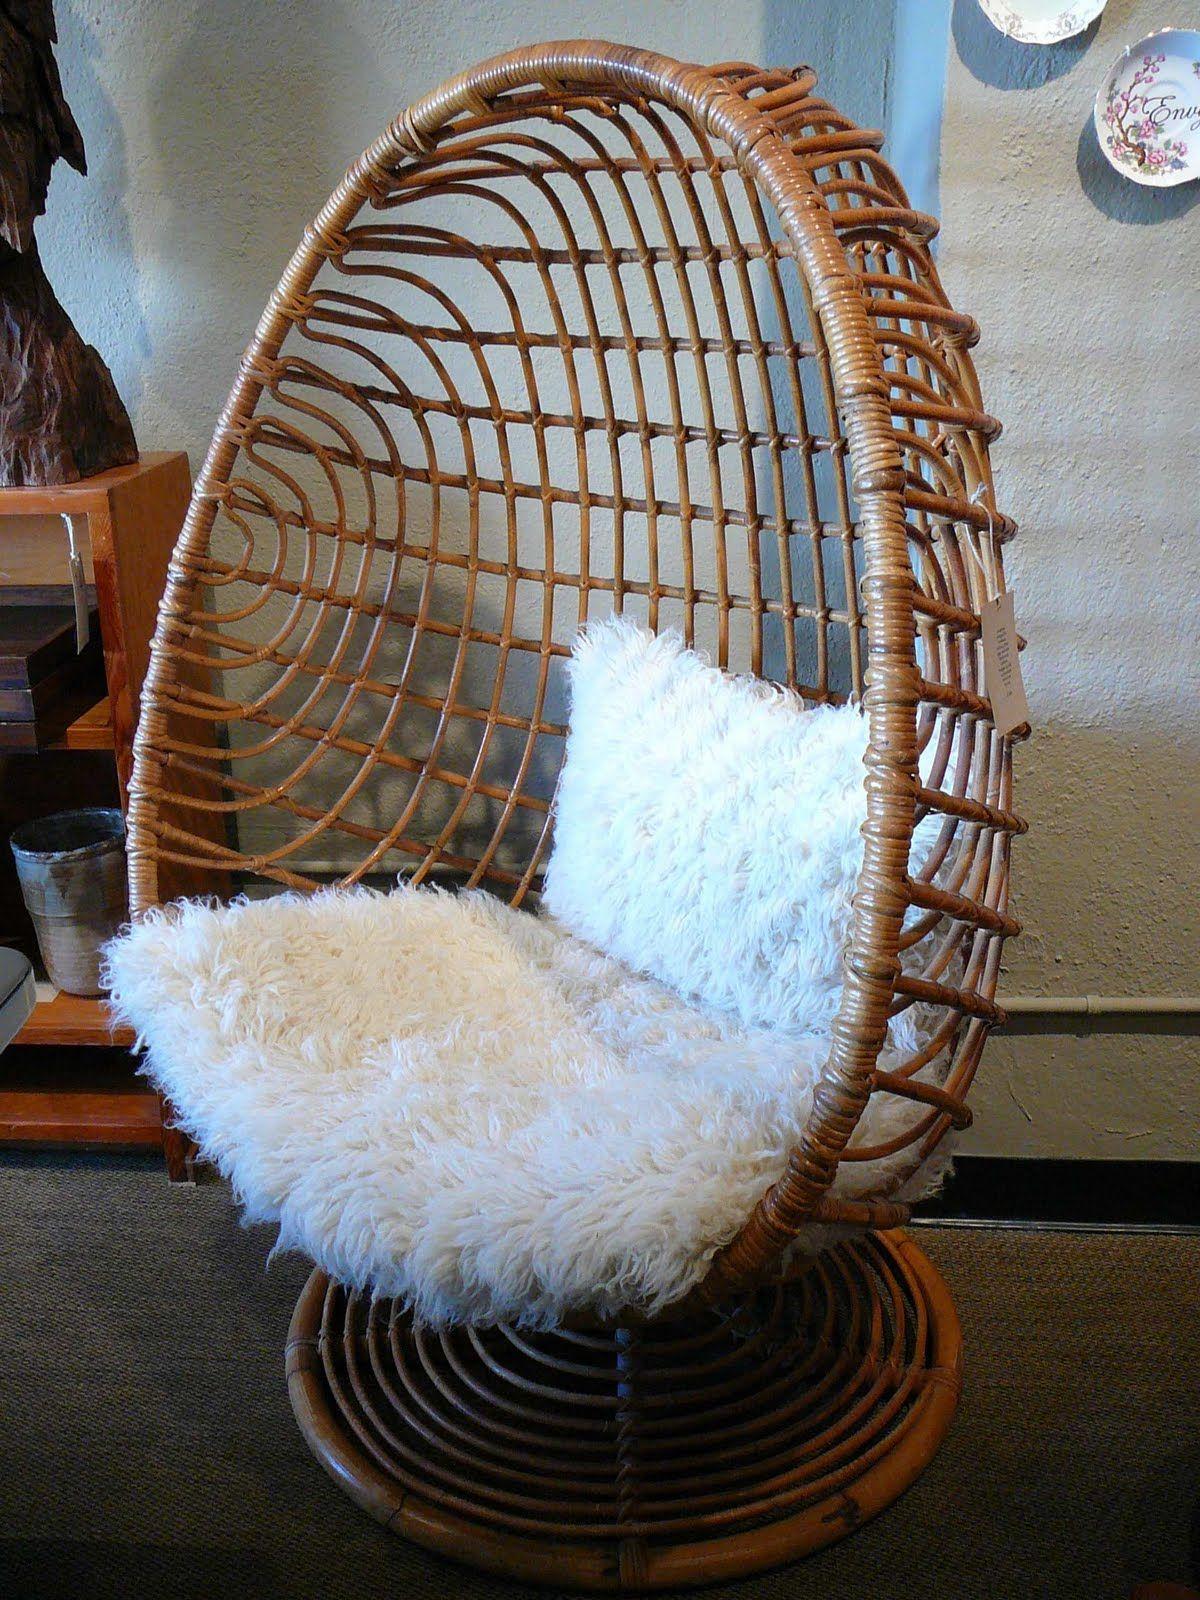 Us egg chair papasanchair papasan chair pinterest egg chair